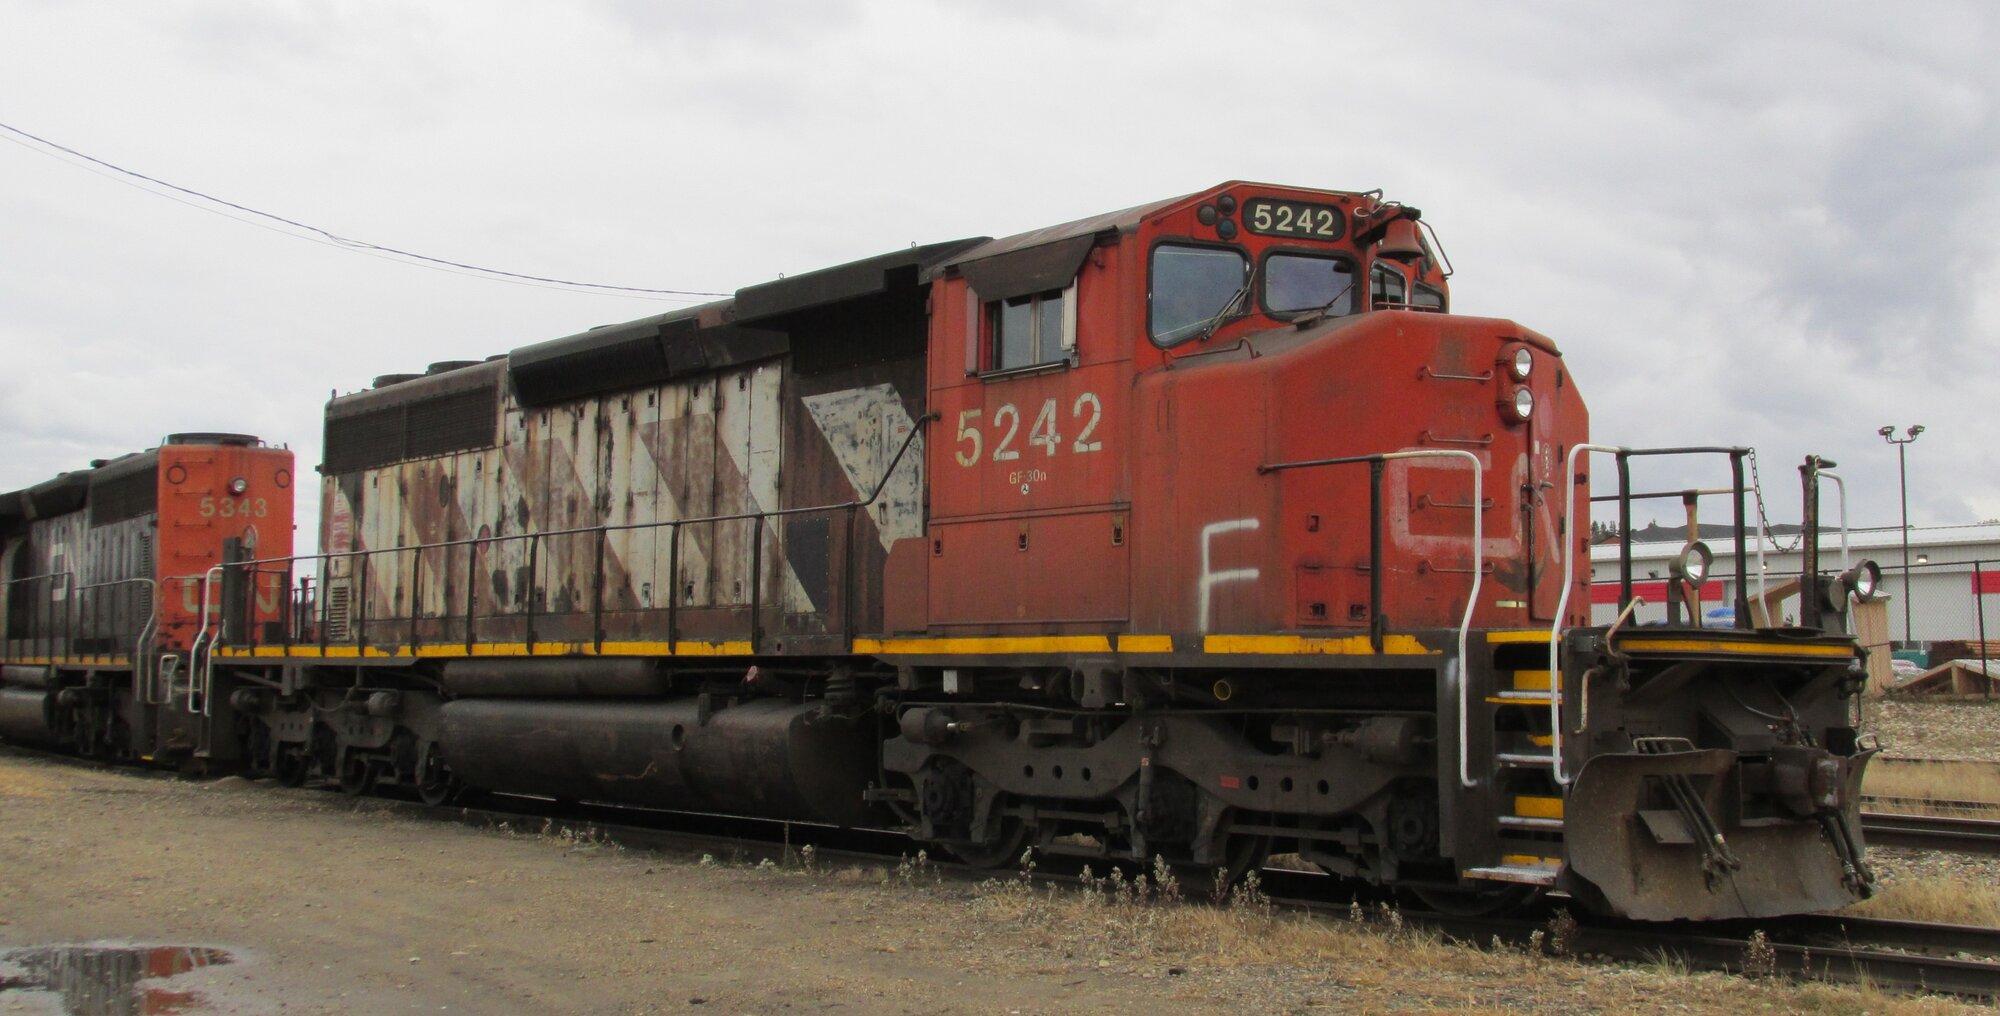 5242 (3)- 10-27-2020.jpg